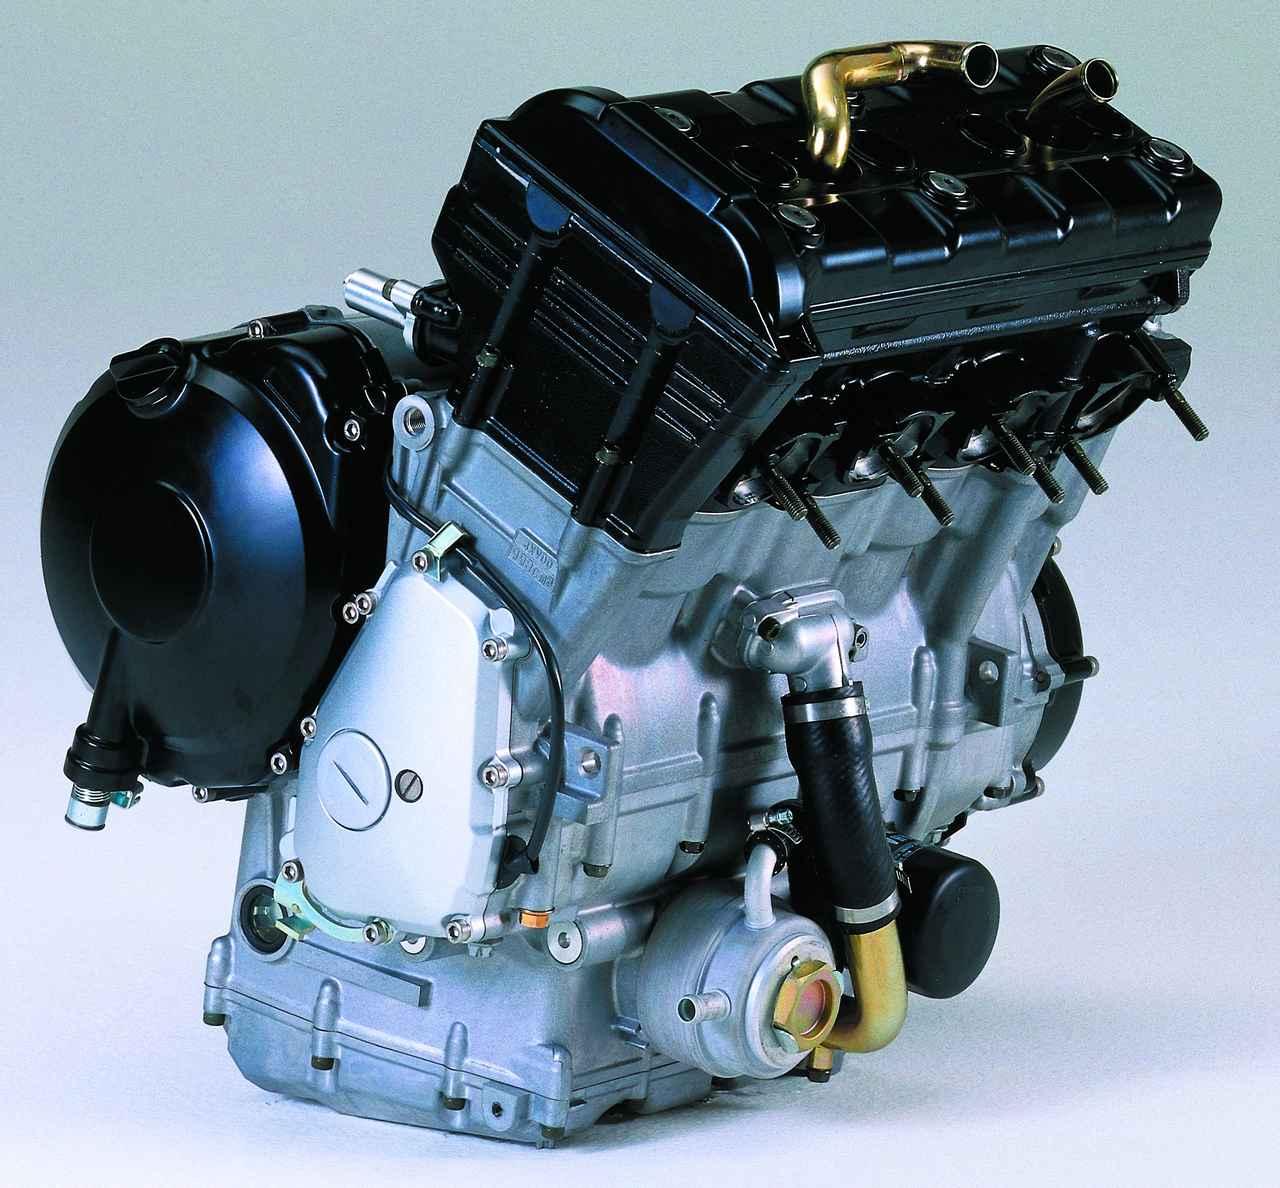 画像: エンジン単体重量は65.3kg。これはサンダーエースより9.3kgも軽く、エンジンの前後長も81mm短い数値だ。